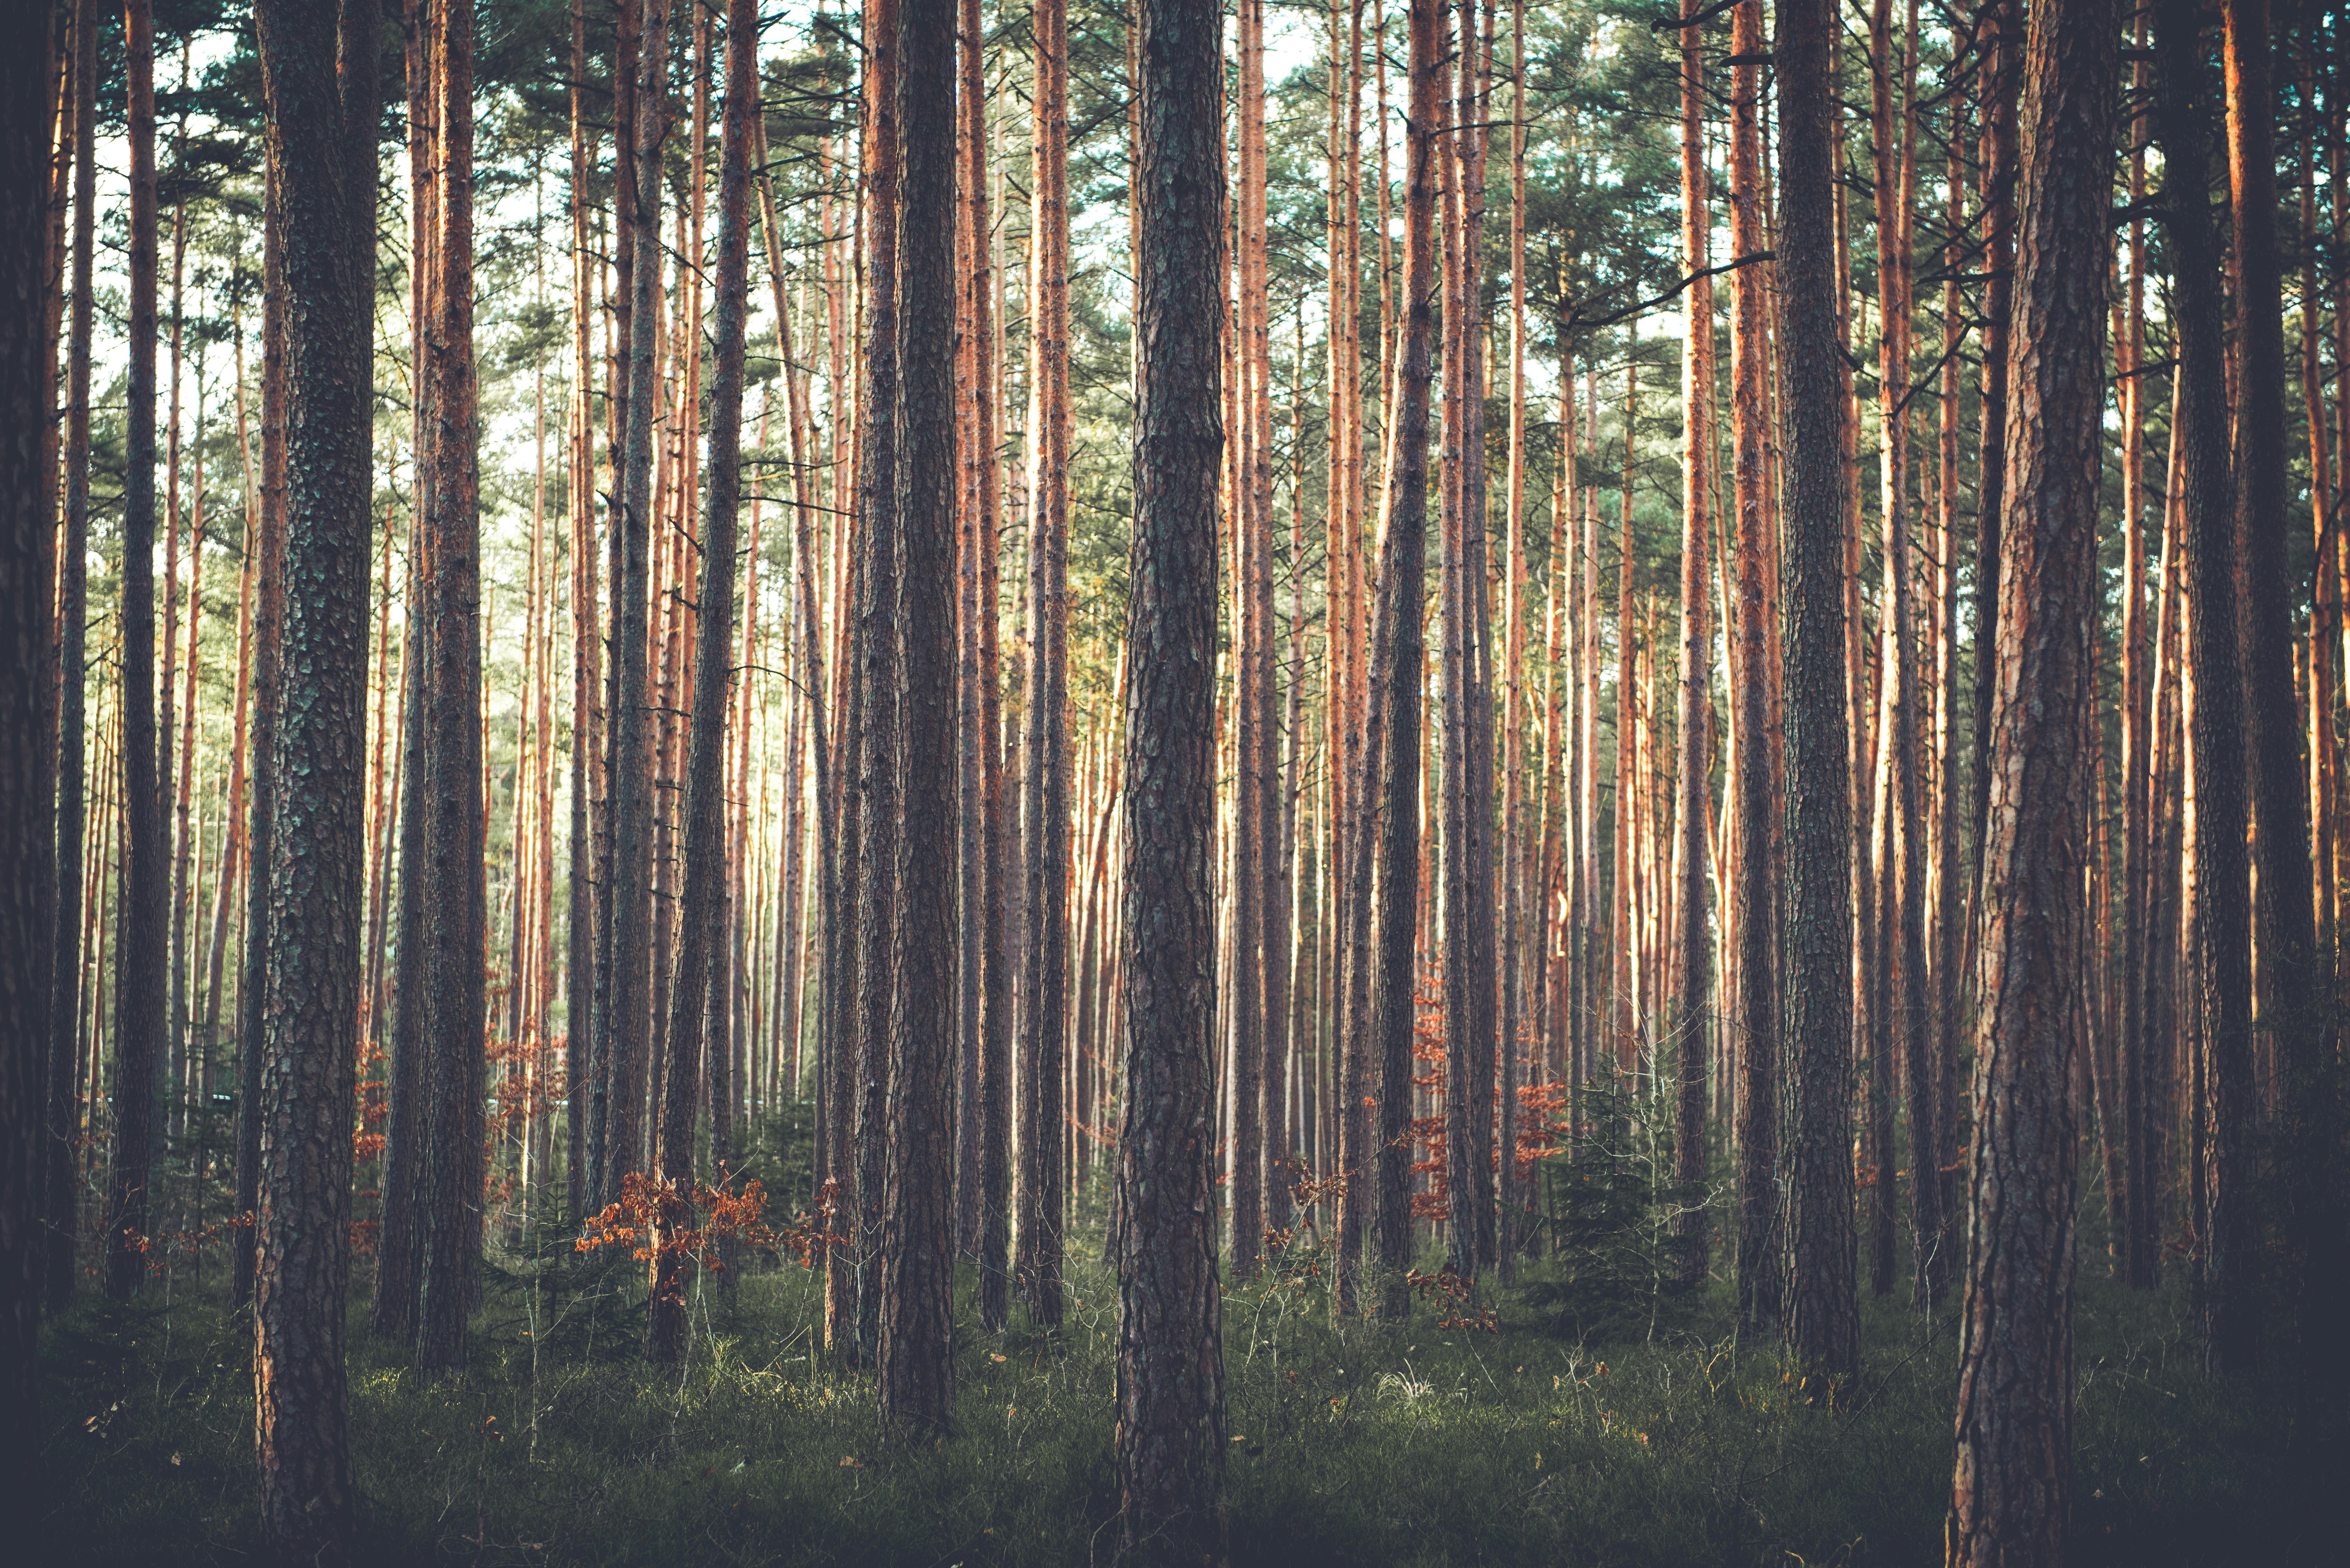 95145 скачать обои Природа, Лес, Деревья, Трава, Сосны - заставки и картинки бесплатно